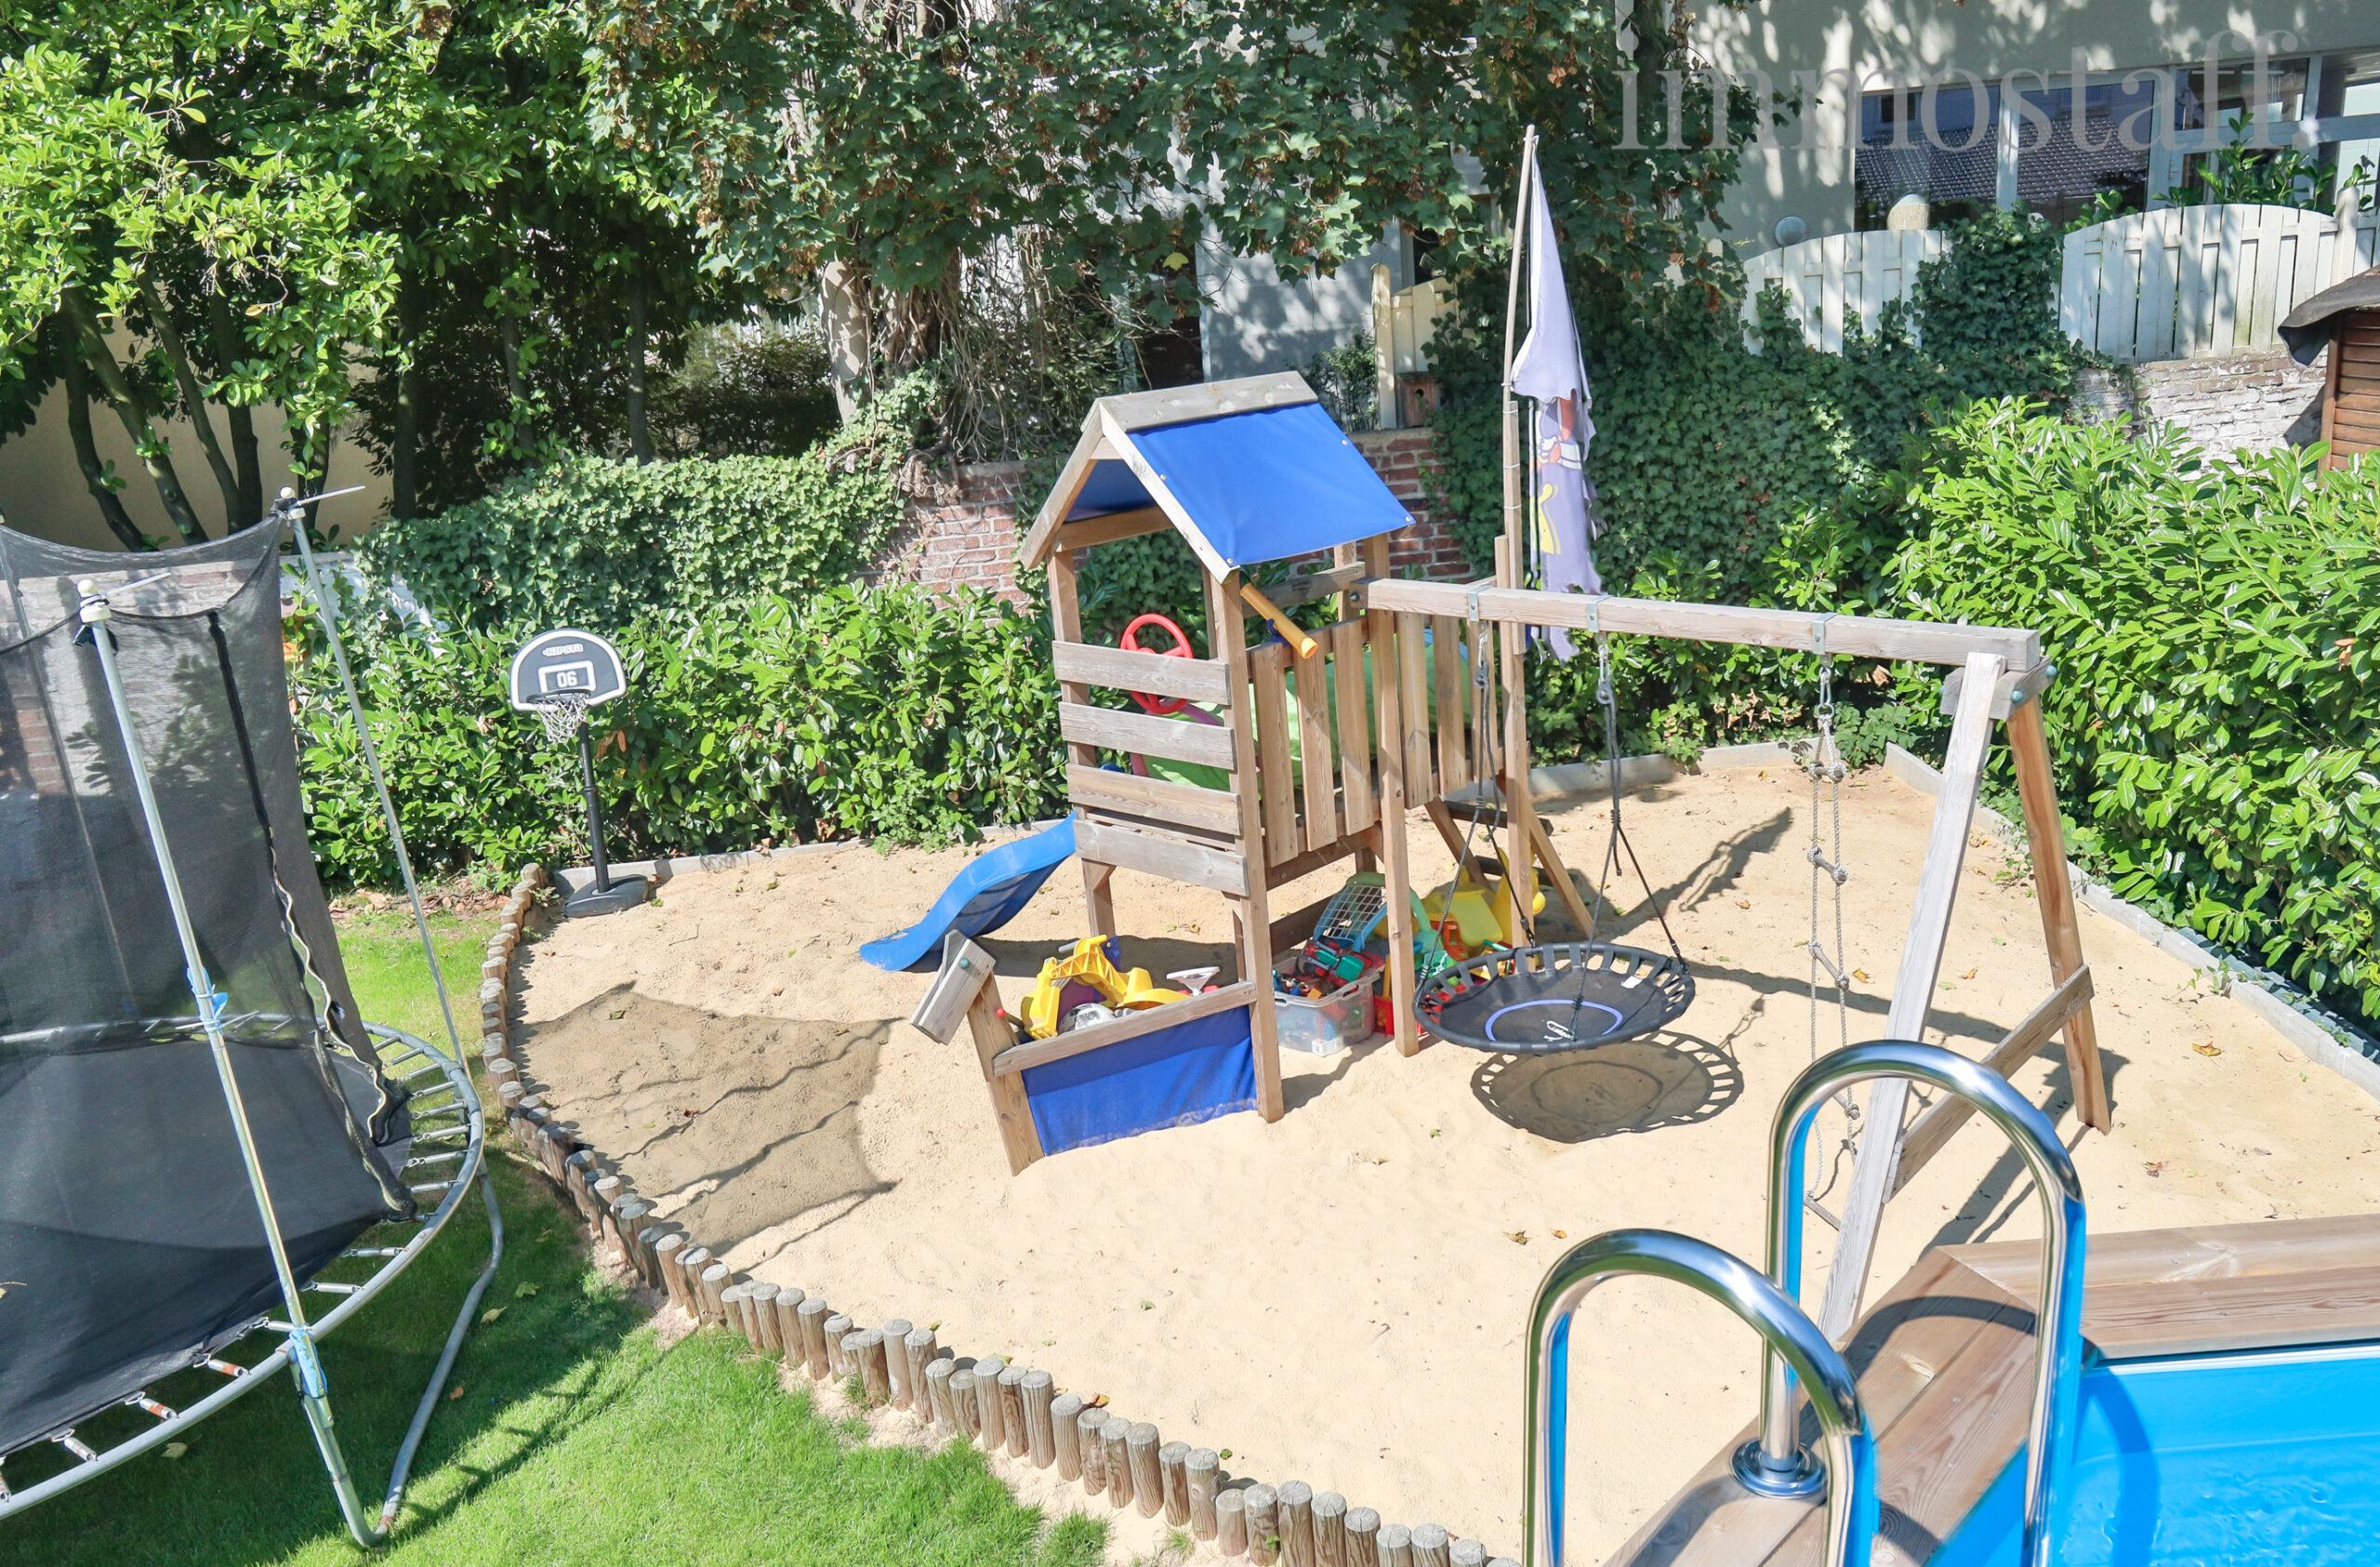 Full Size of Spielturm Bauhaus Pool Besonderes Garten Kinderspielturm Fenster Wohnzimmer Spielturm Bauhaus